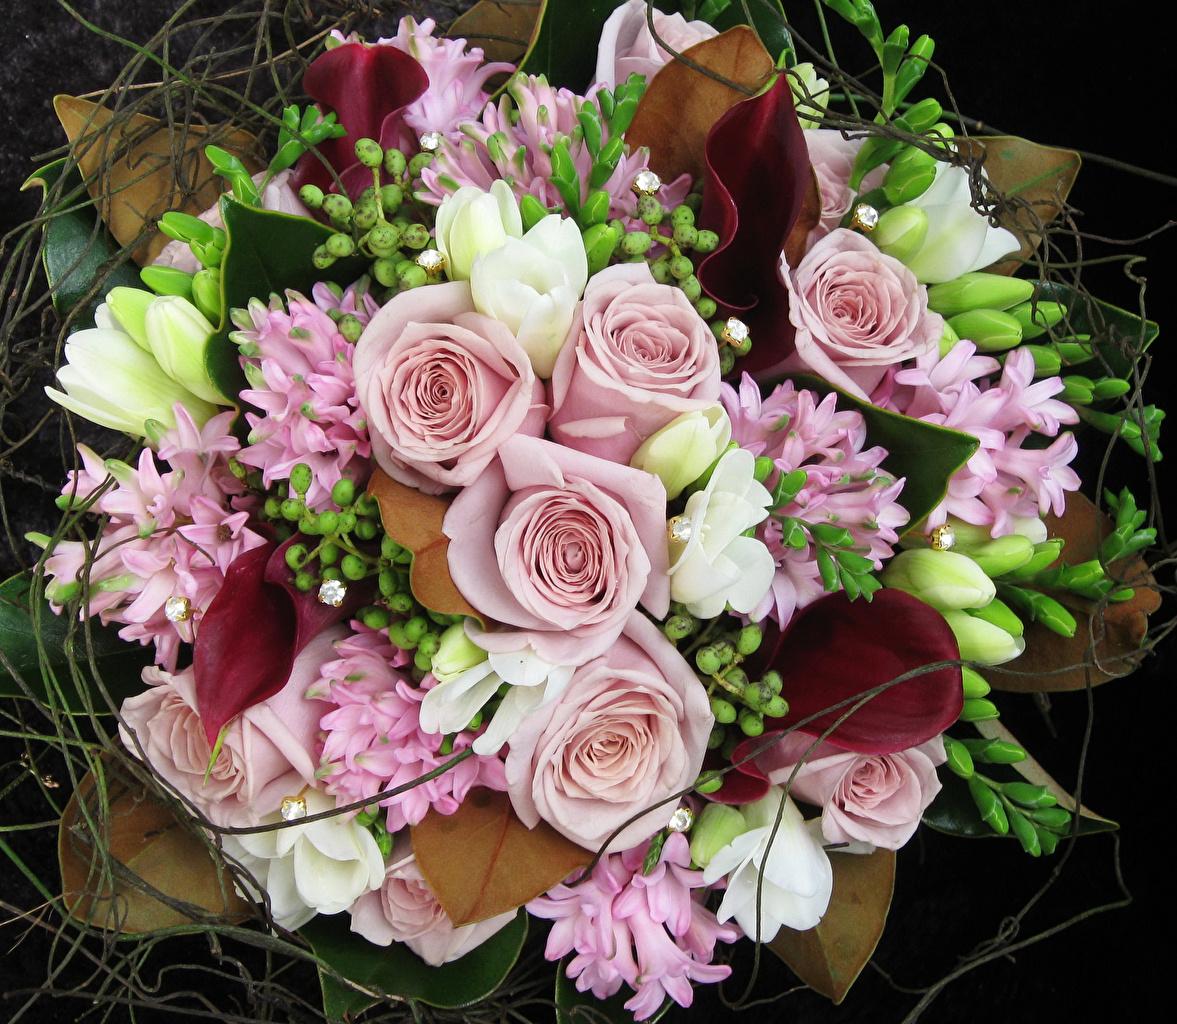 Fotos von Sträuße Rosen Drachenwurz Blüte Freesie Hyazinthen Blumensträuße Rose Calla palustris Blumen Freesien